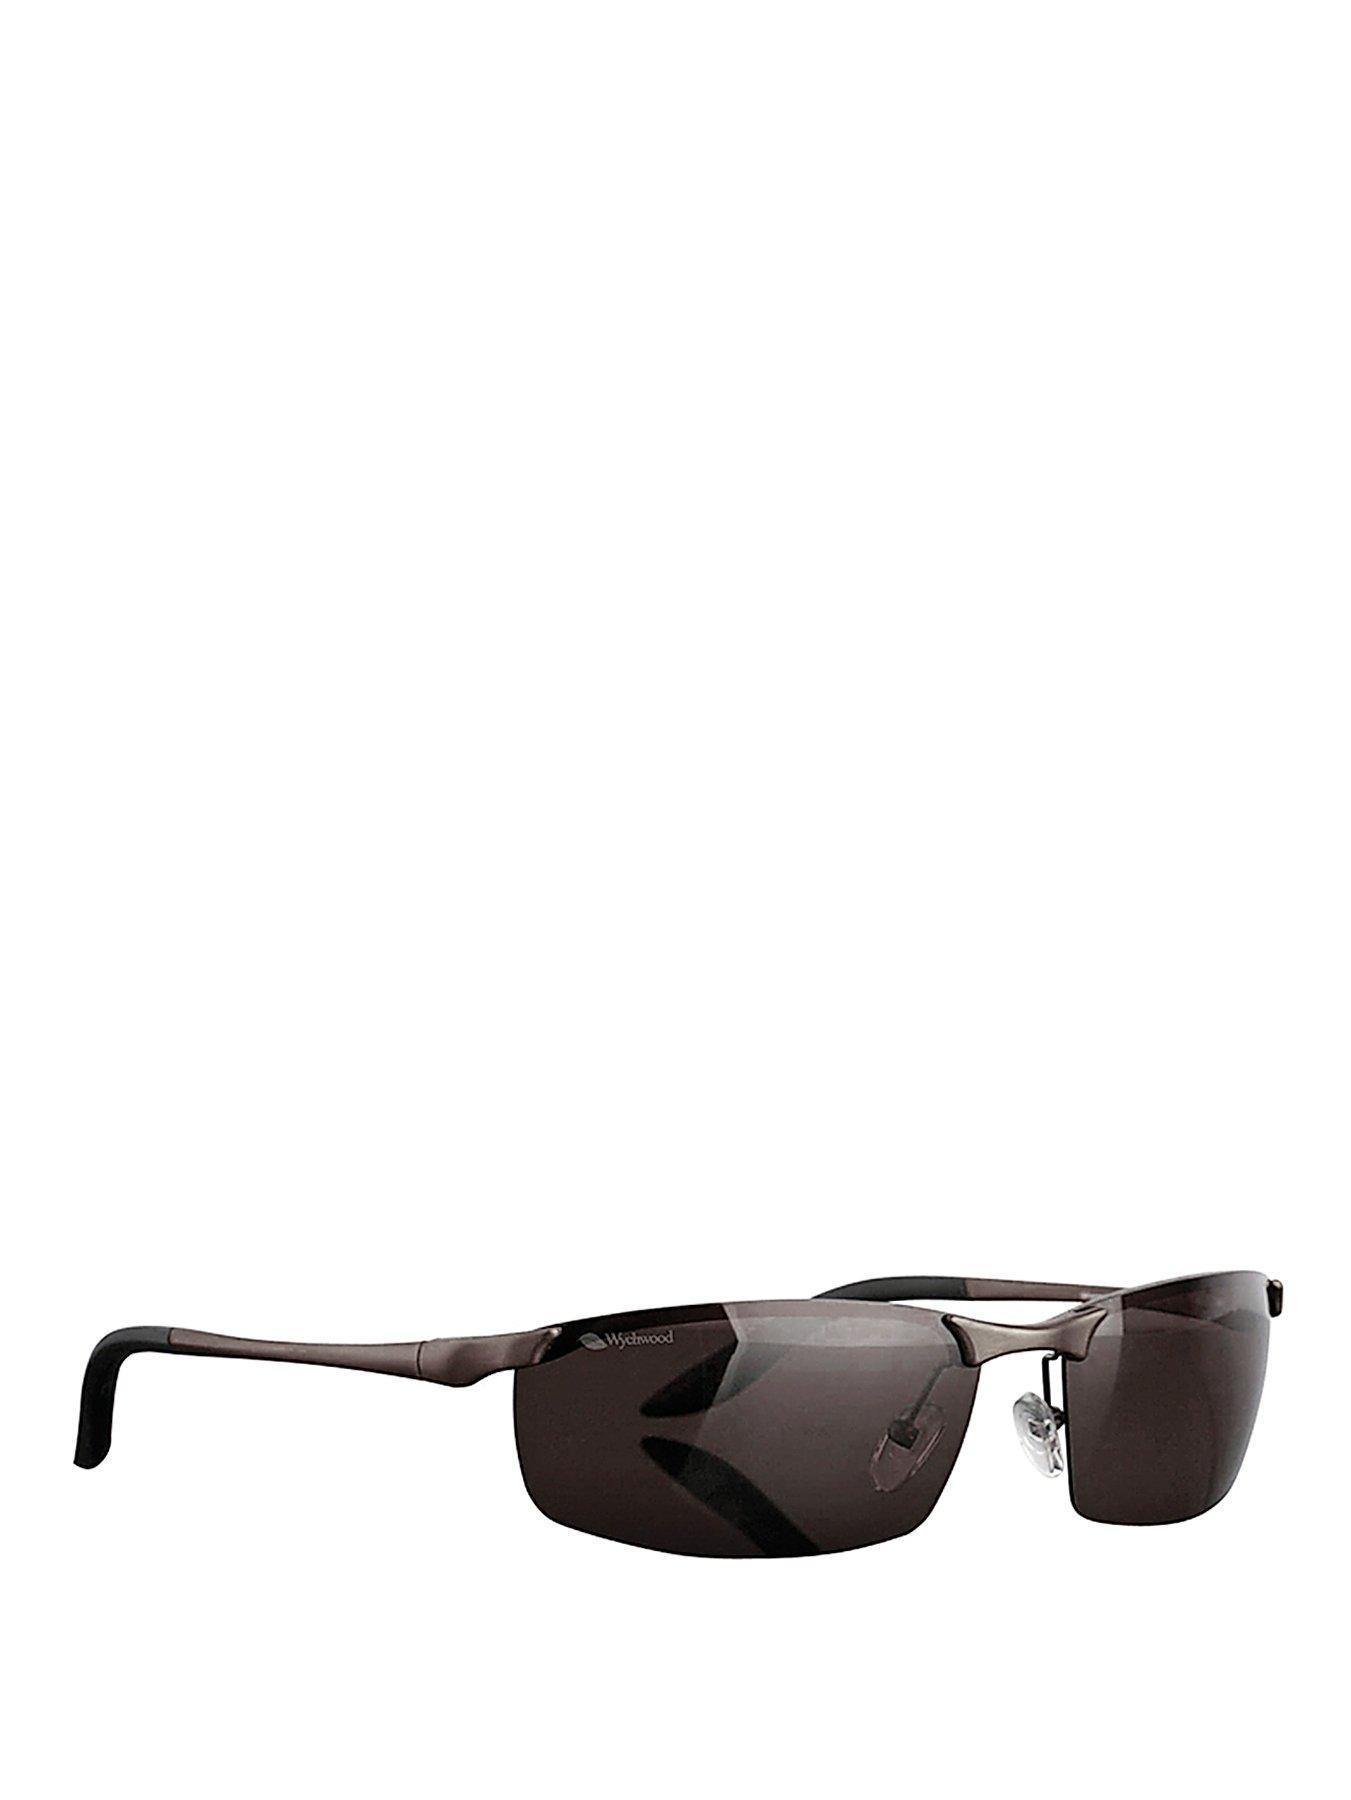 Magnesium Sunglasses